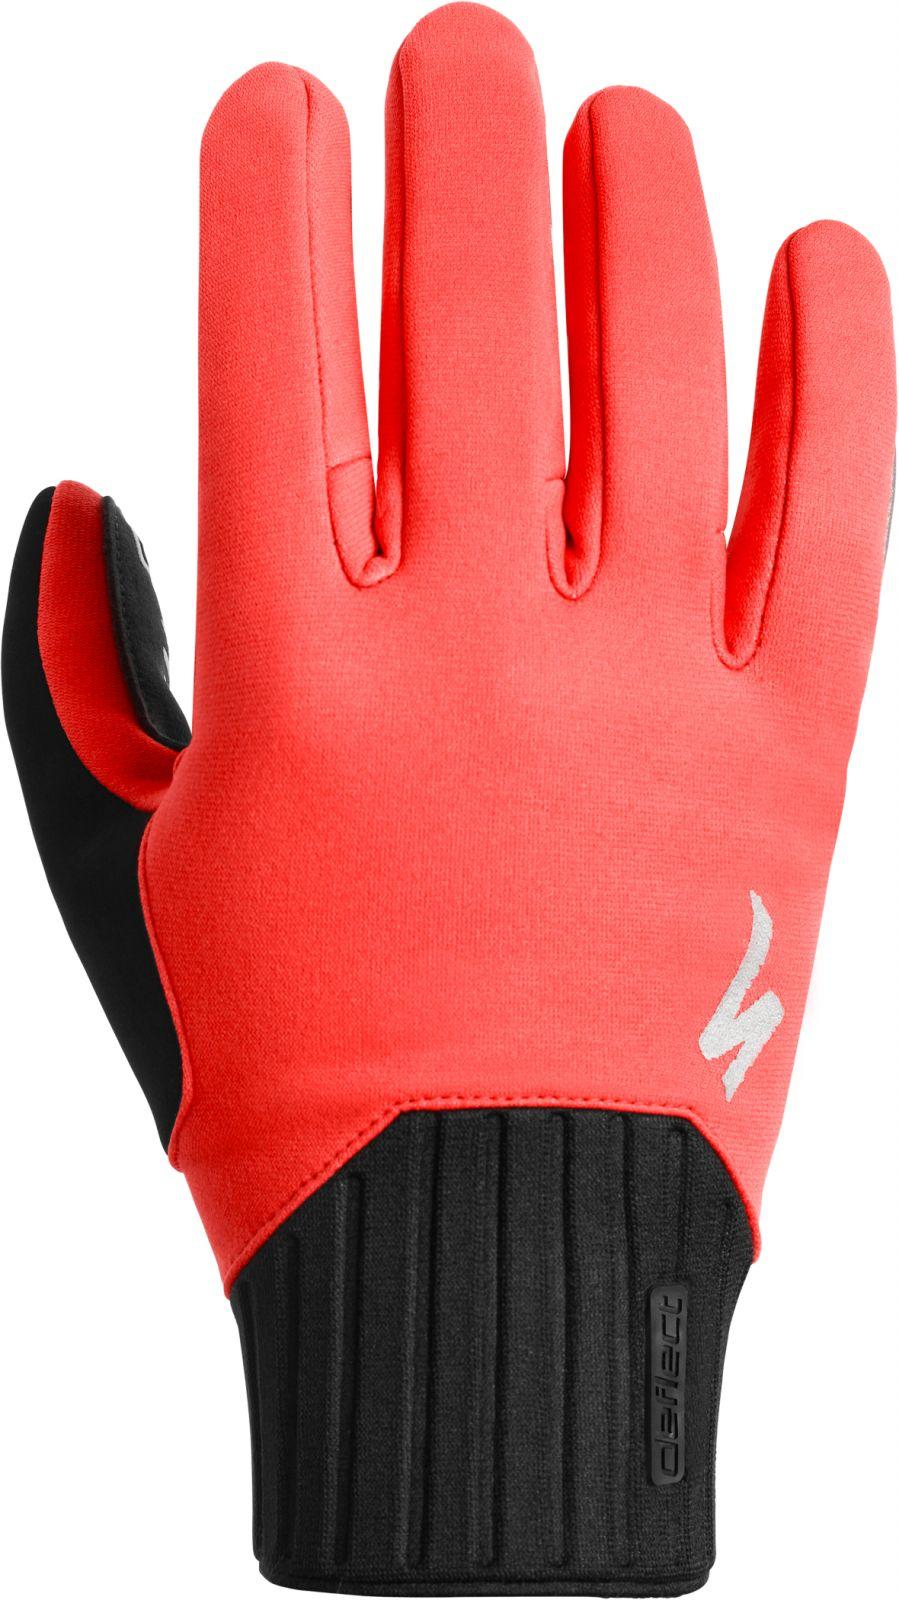 zimní rukavice Specialized DEFLECT dlouhoprsté dámské BLK XXL 0dcb015e35